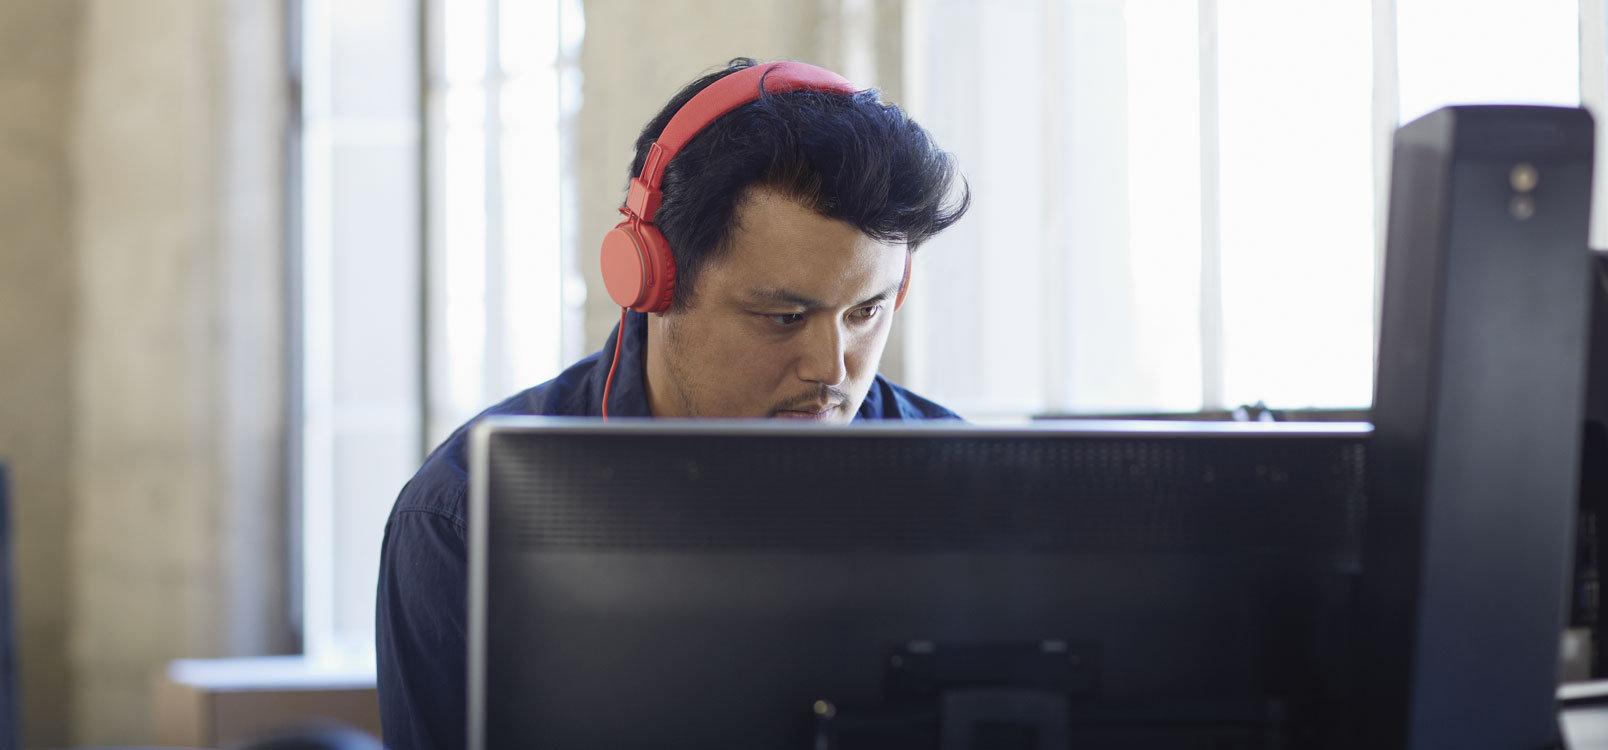 אדם החובש אוזניות עובד במחשב PC שולחני ומשתמש ב- Office 365 כדי לפשט את משימות ה- IT.